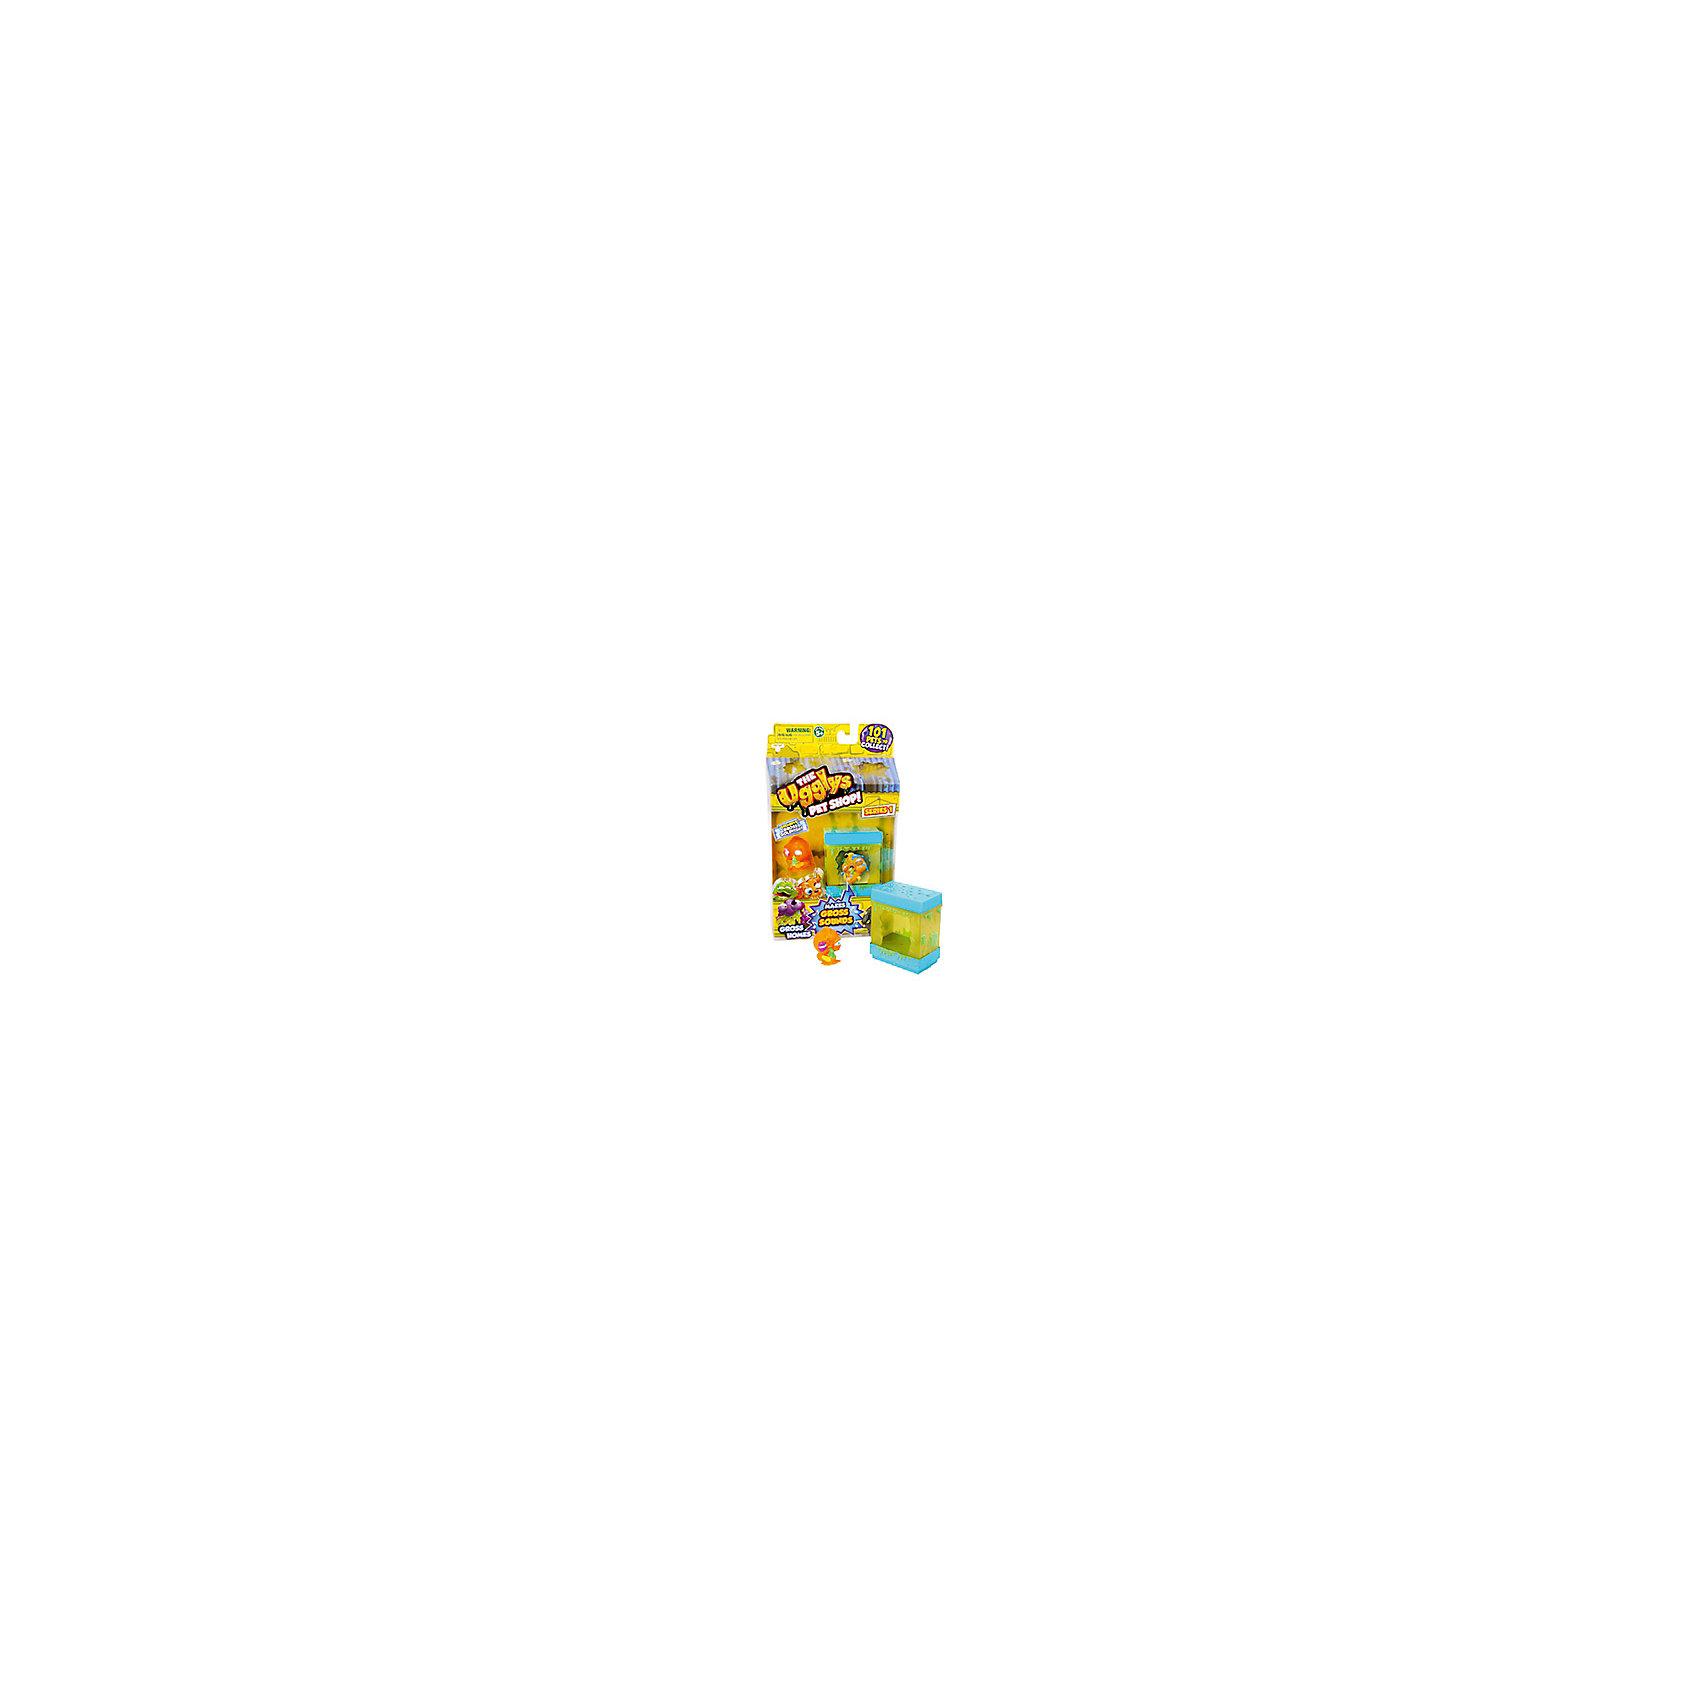 Набор Домик с фигуркой Dogay Dunm, Ugglys Pet ShopНабор Домик с фигуркой, Ugglys Pet Shop – это настоящая находка для юной любительницы хулиганских питомцев.<br>Игровой набор из серии «Хулиганские животные» состоит из домика для питомца со звуковыми эффектами и уникальной фигурки питомца, которую нельзя найти в других упаковках и наборах серии. Яркий домик также неказист, как его обитатель, но может издавать преотвратительные звуки, если на него нажать. А если соединить несколько домиков вместе, то из них получится этакая шумная многоэтажная хрущоба для животных.<br><br>Дополнительная информация:<br><br>- В наборе: домик, уникальная фигурка<br>- Материал: высококачественная пластмасса, прорезиненный материал<br>- Батарейки: 2 батарейки LR44 (в комплект не входят)<br>- Размер упаковки: 140х230х50 мм.<br>- Вес: 189 гр.<br><br>Набор Домик с фигуркой, Ugglys Pet Shop можно купить в нашем интернет-магазине.<br><br>Ширина мм: 140<br>Глубина мм: 230<br>Высота мм: 50<br>Вес г: 189<br>Возраст от месяцев: 60<br>Возраст до месяцев: 144<br>Пол: Унисекс<br>Возраст: Детский<br>SKU: 4849996